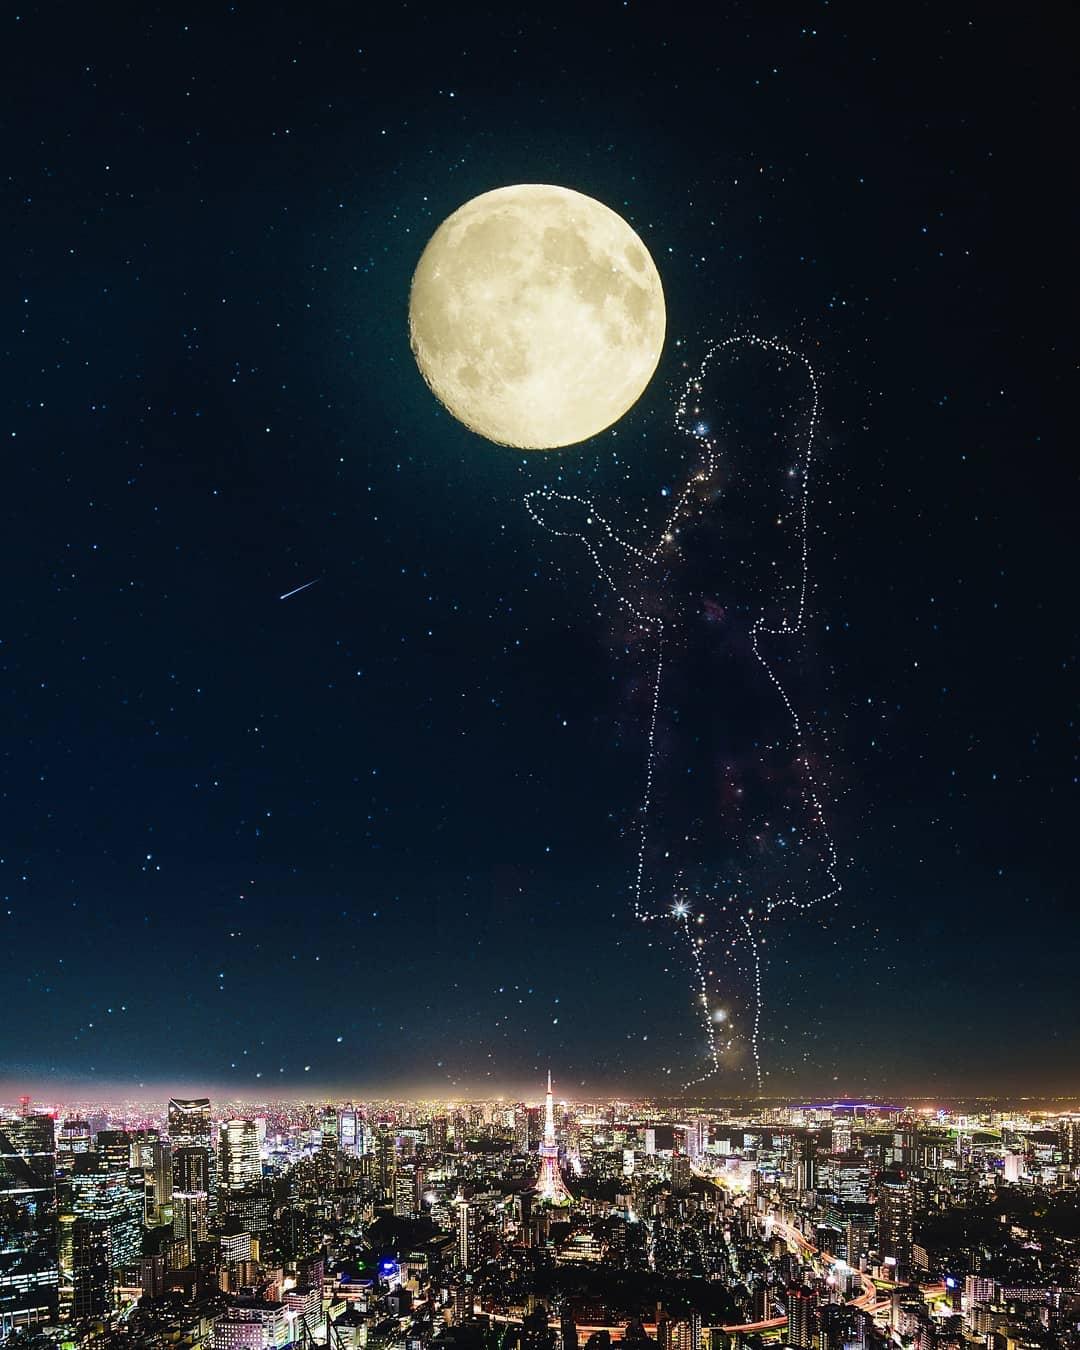 Удивительные фотоманипуляции от Сурьи Крисна